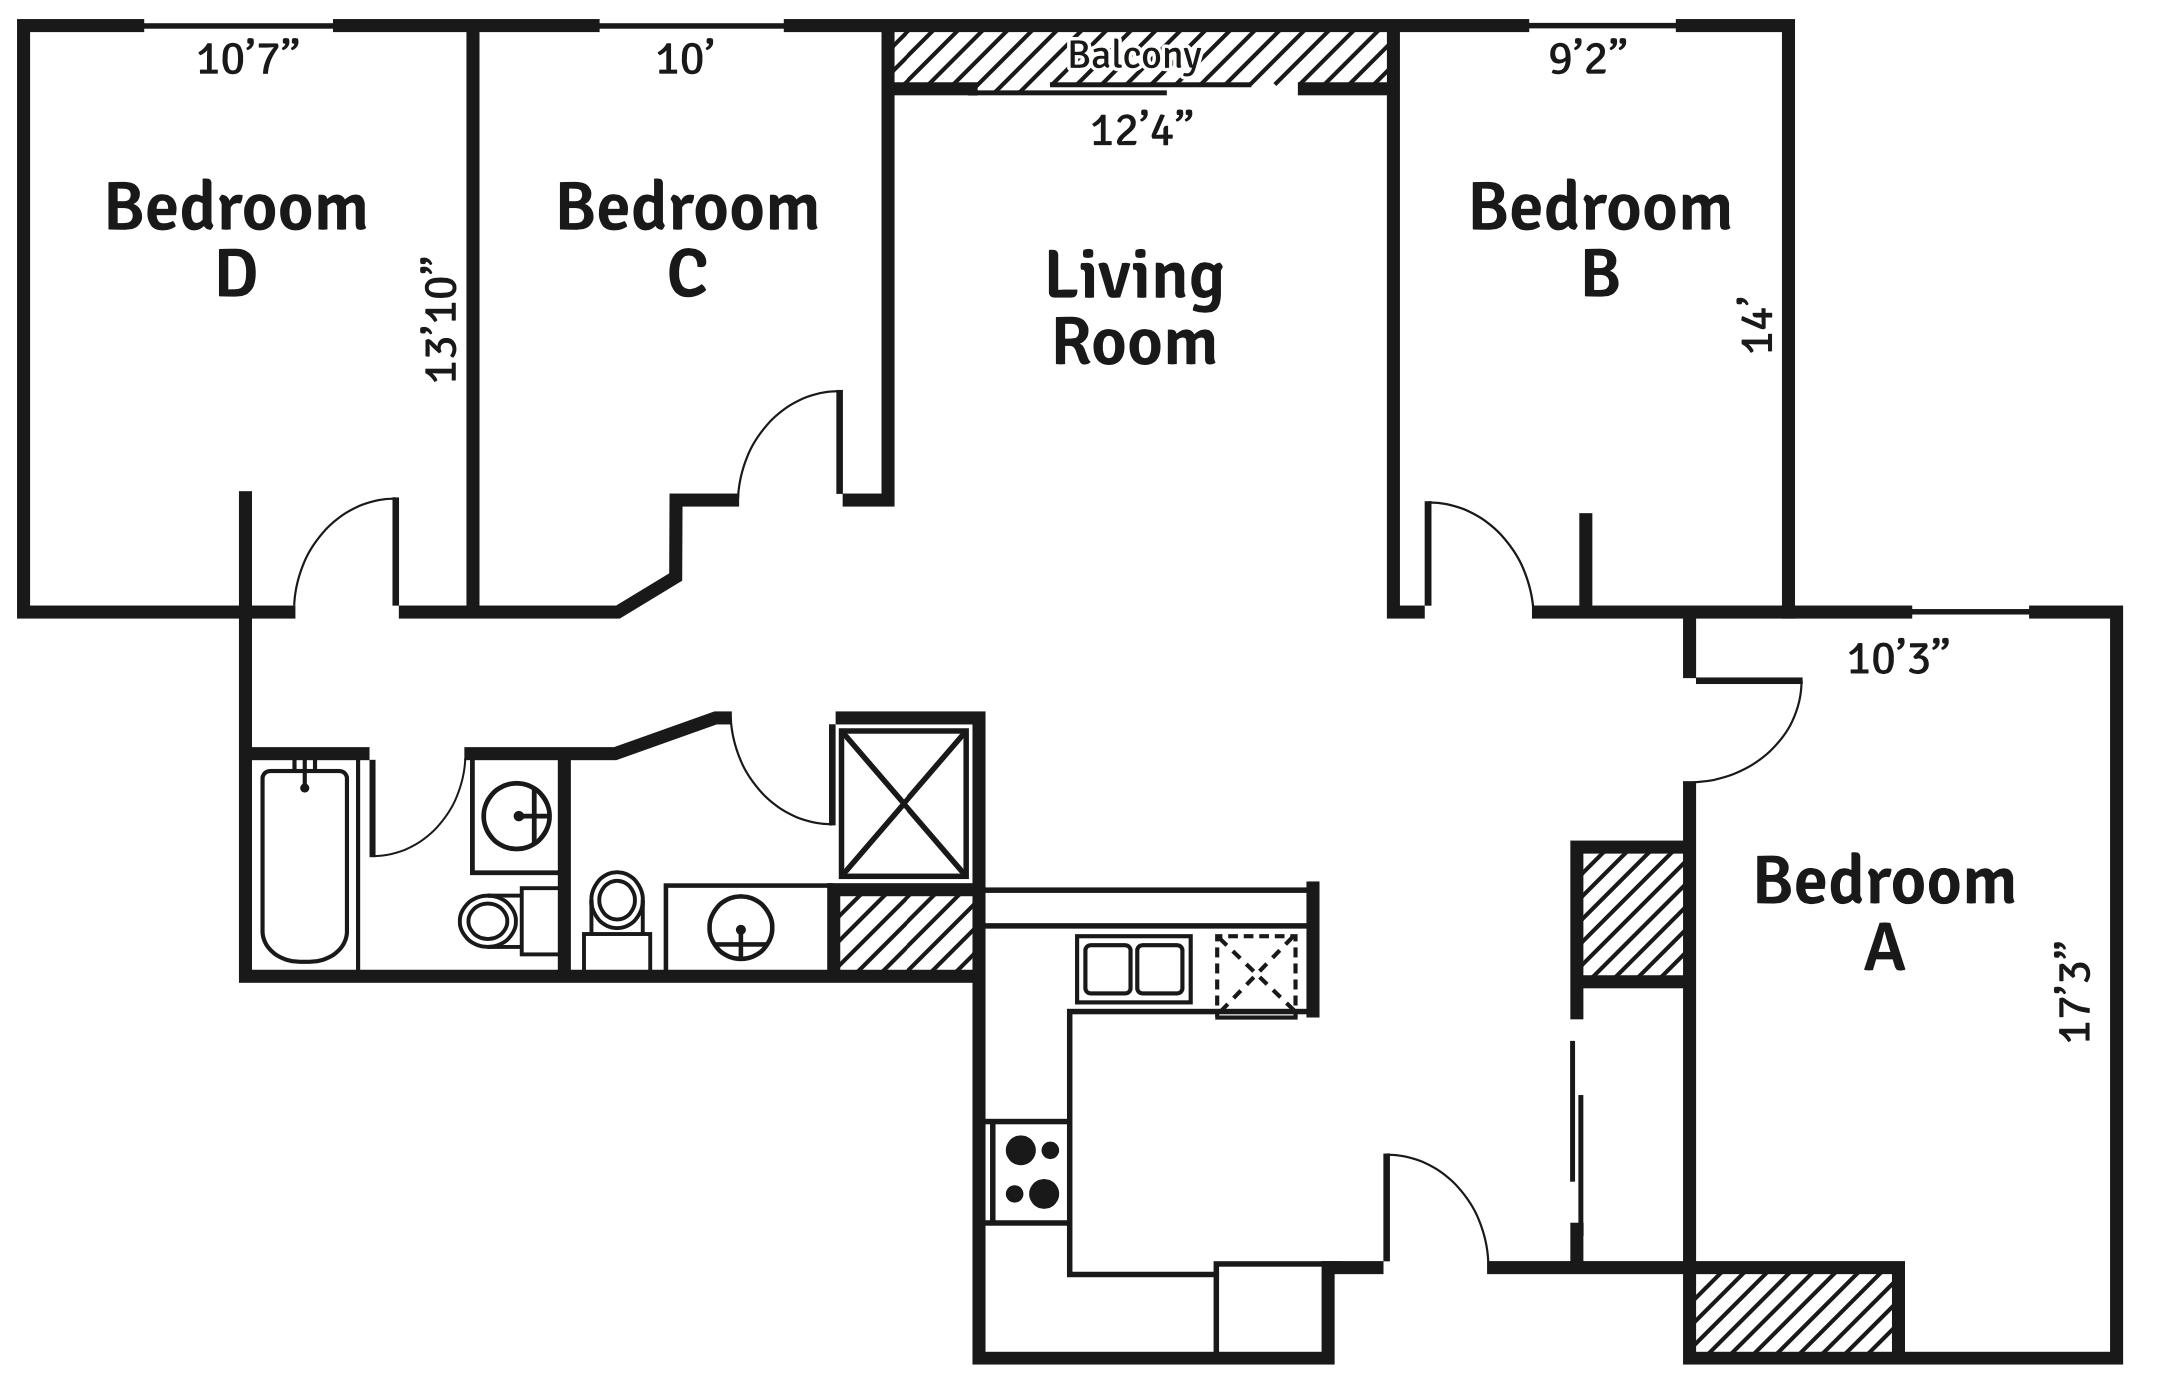 4 bedroom xl